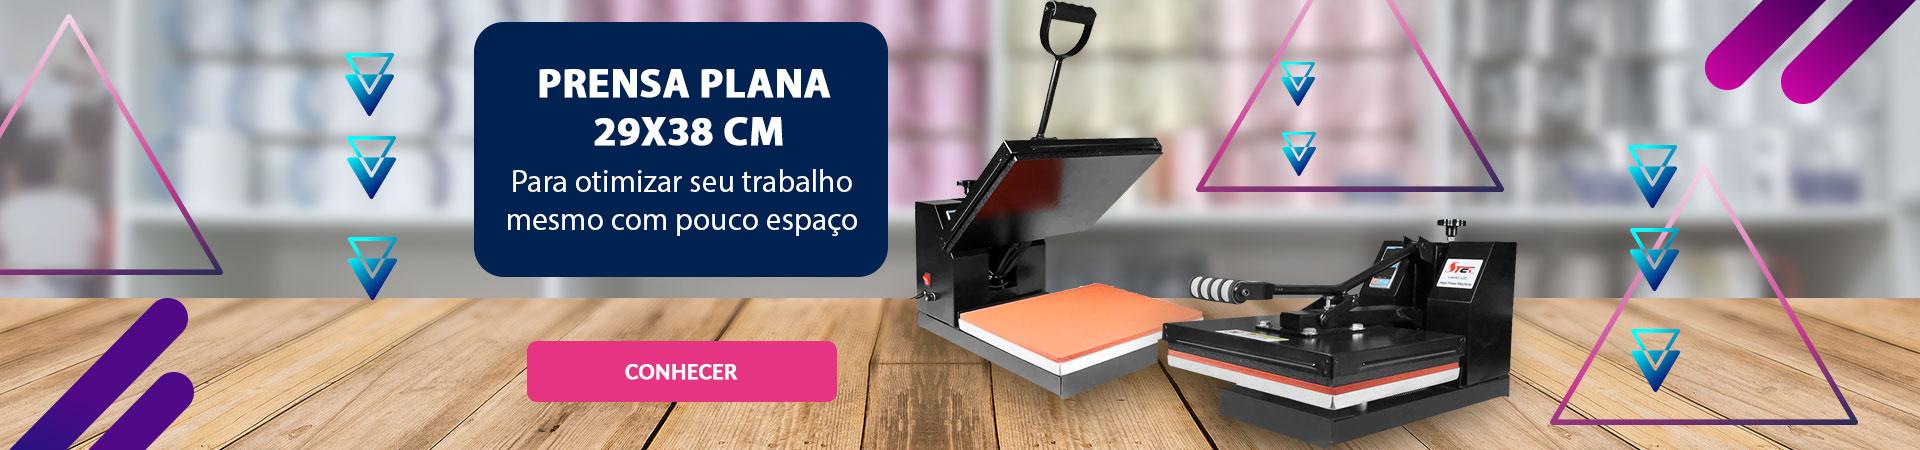 Prensa Planta 29x38